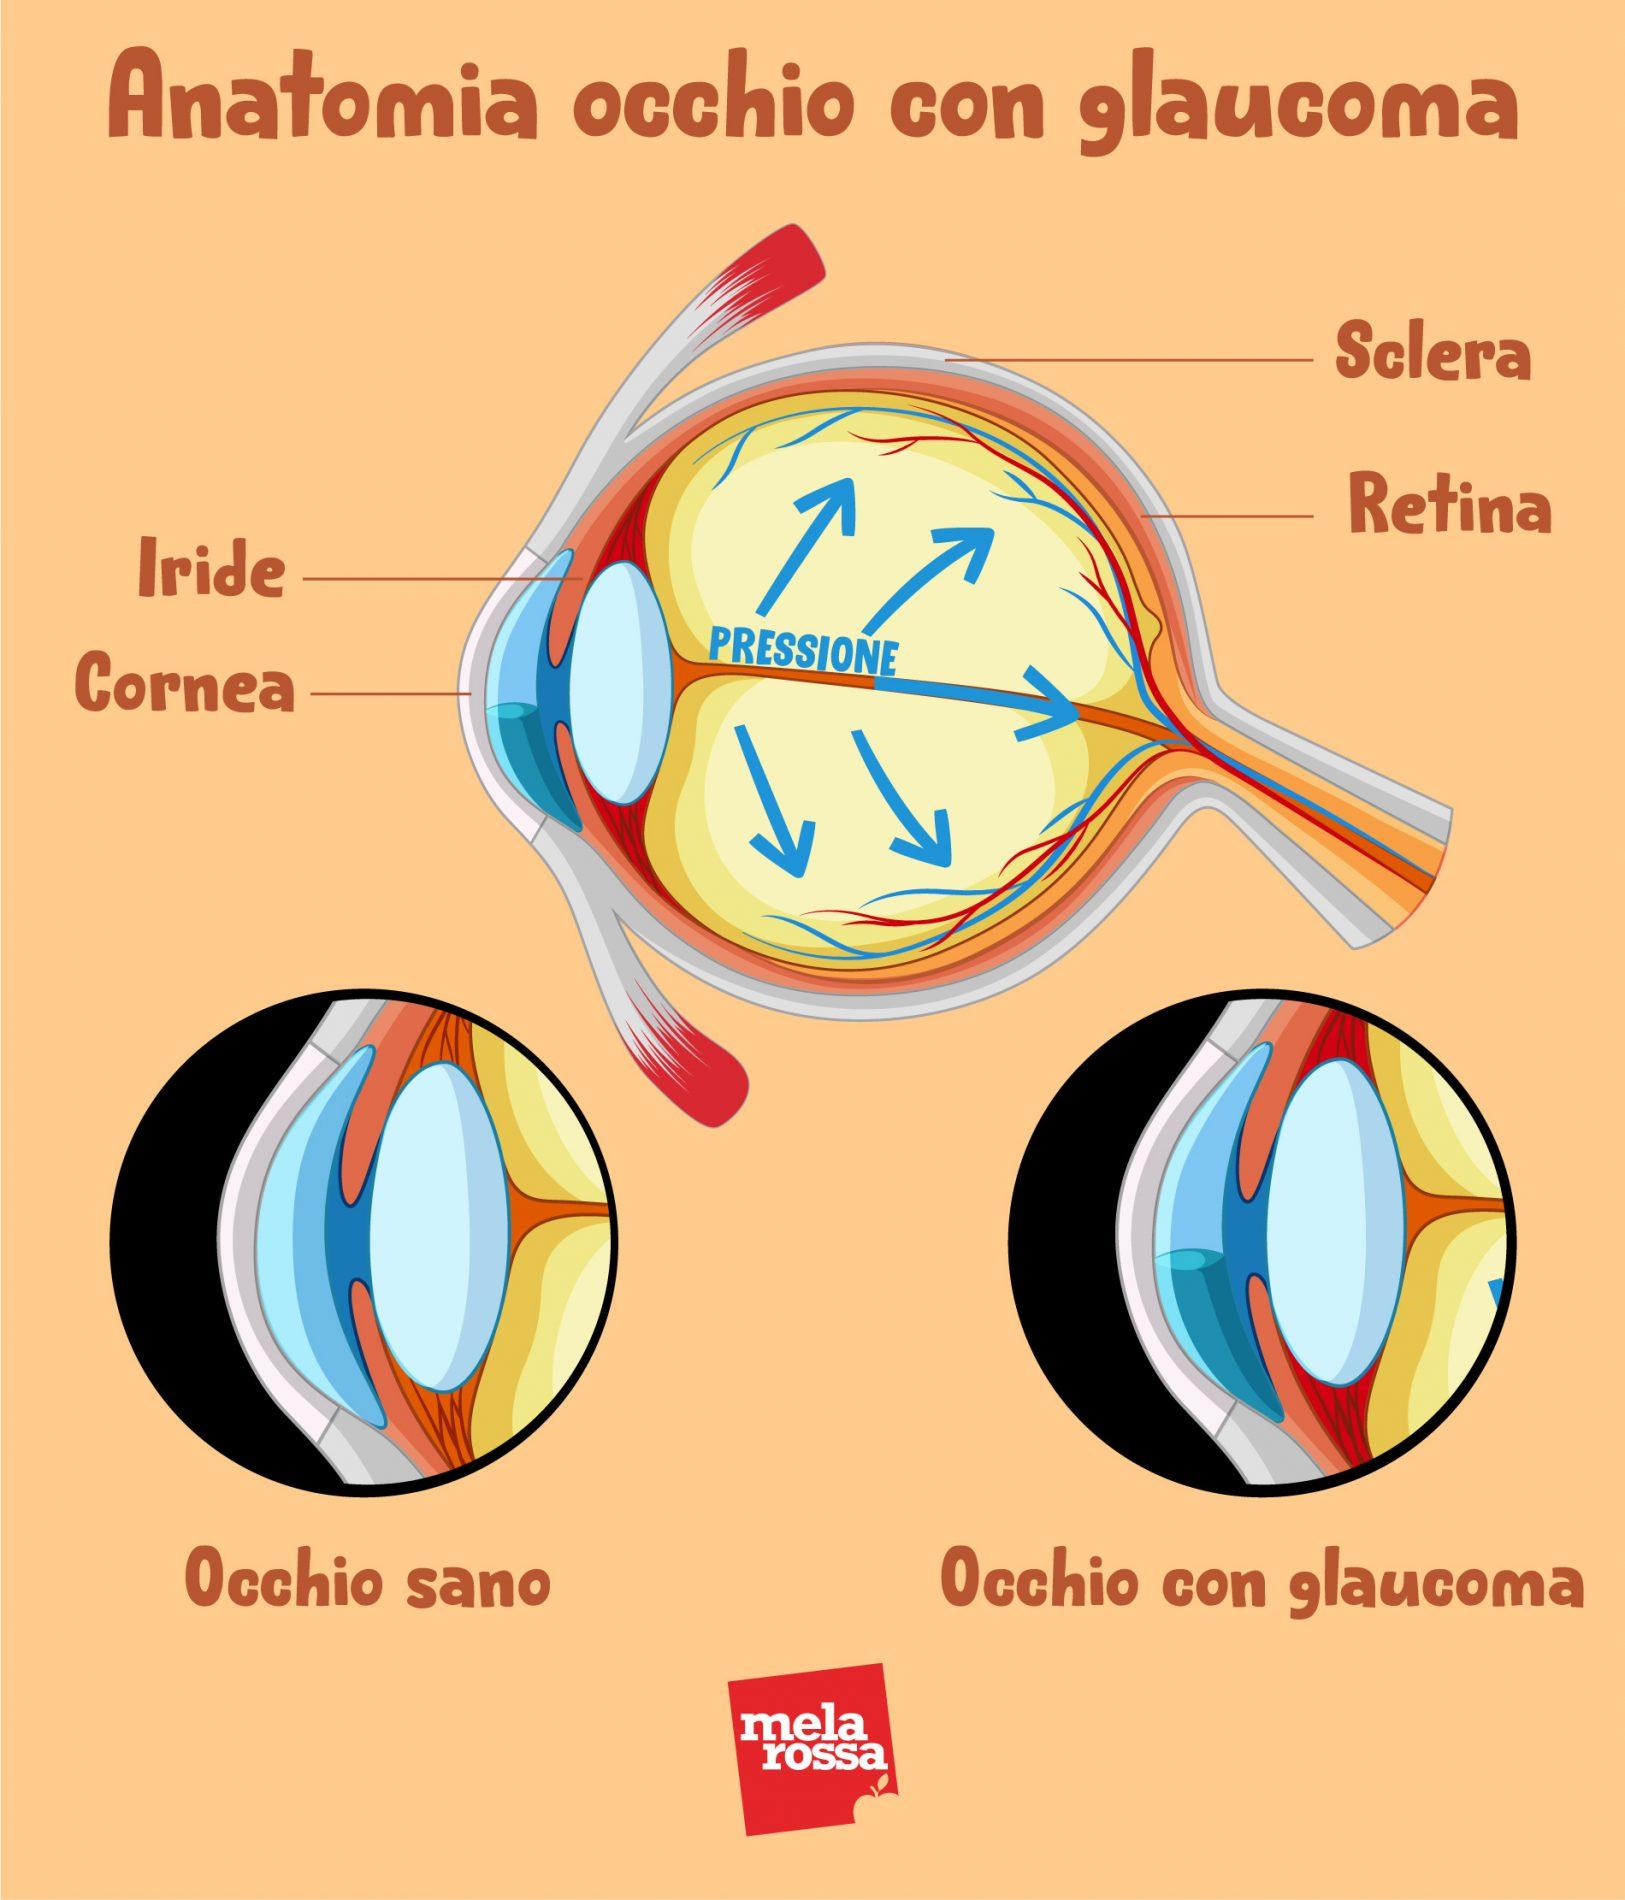 anatomia del glaucoma